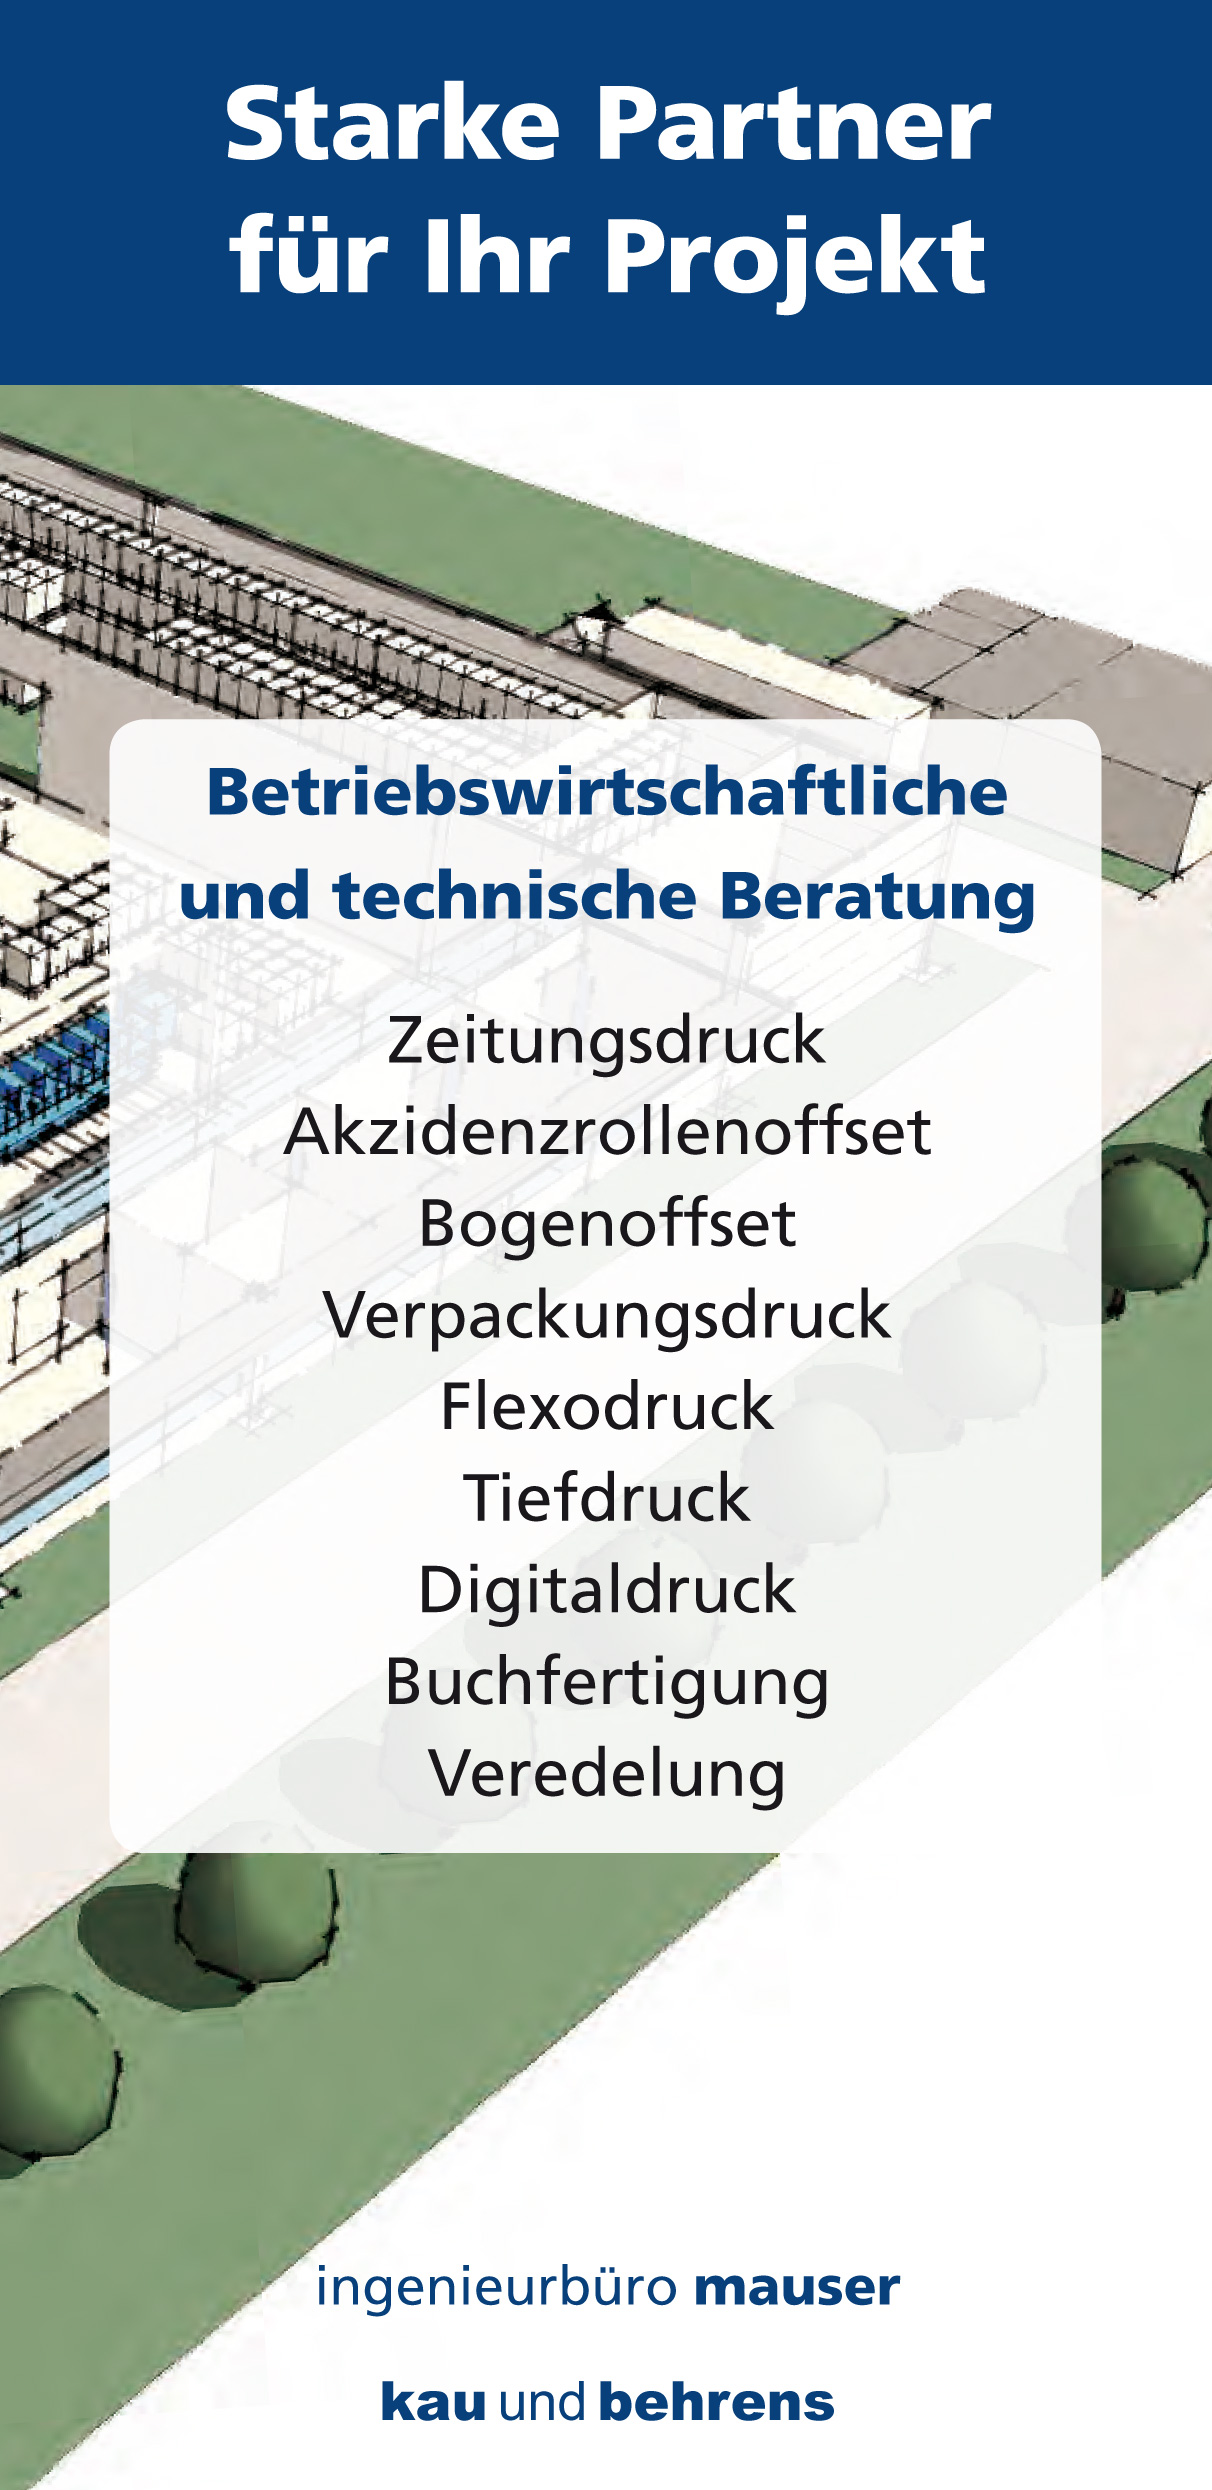 Starke Partner für Ihr Projekt: Betriebswirtschaftliche und technische Beratung – kau und behrens aus Stuttgart